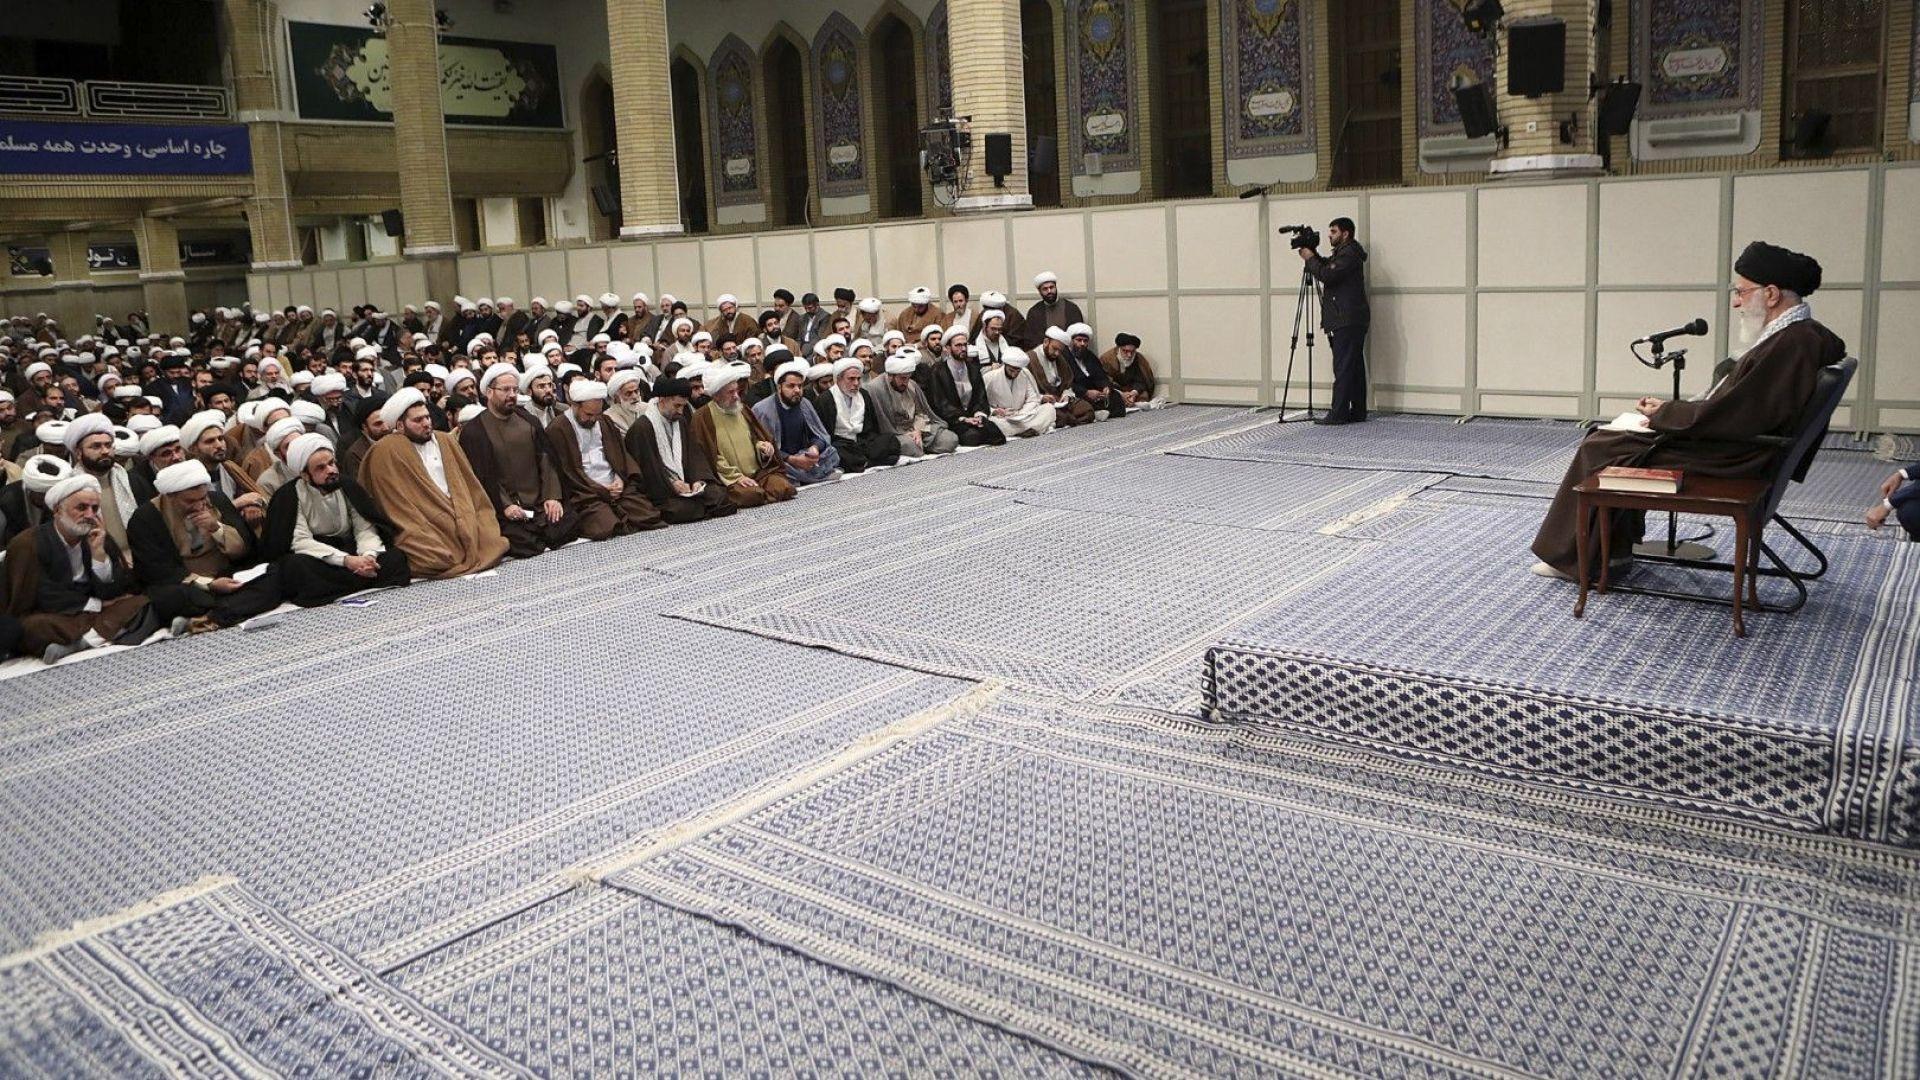 Иранският духовен лидер, аятолах Али Хаменей изрази днес подкрепата си